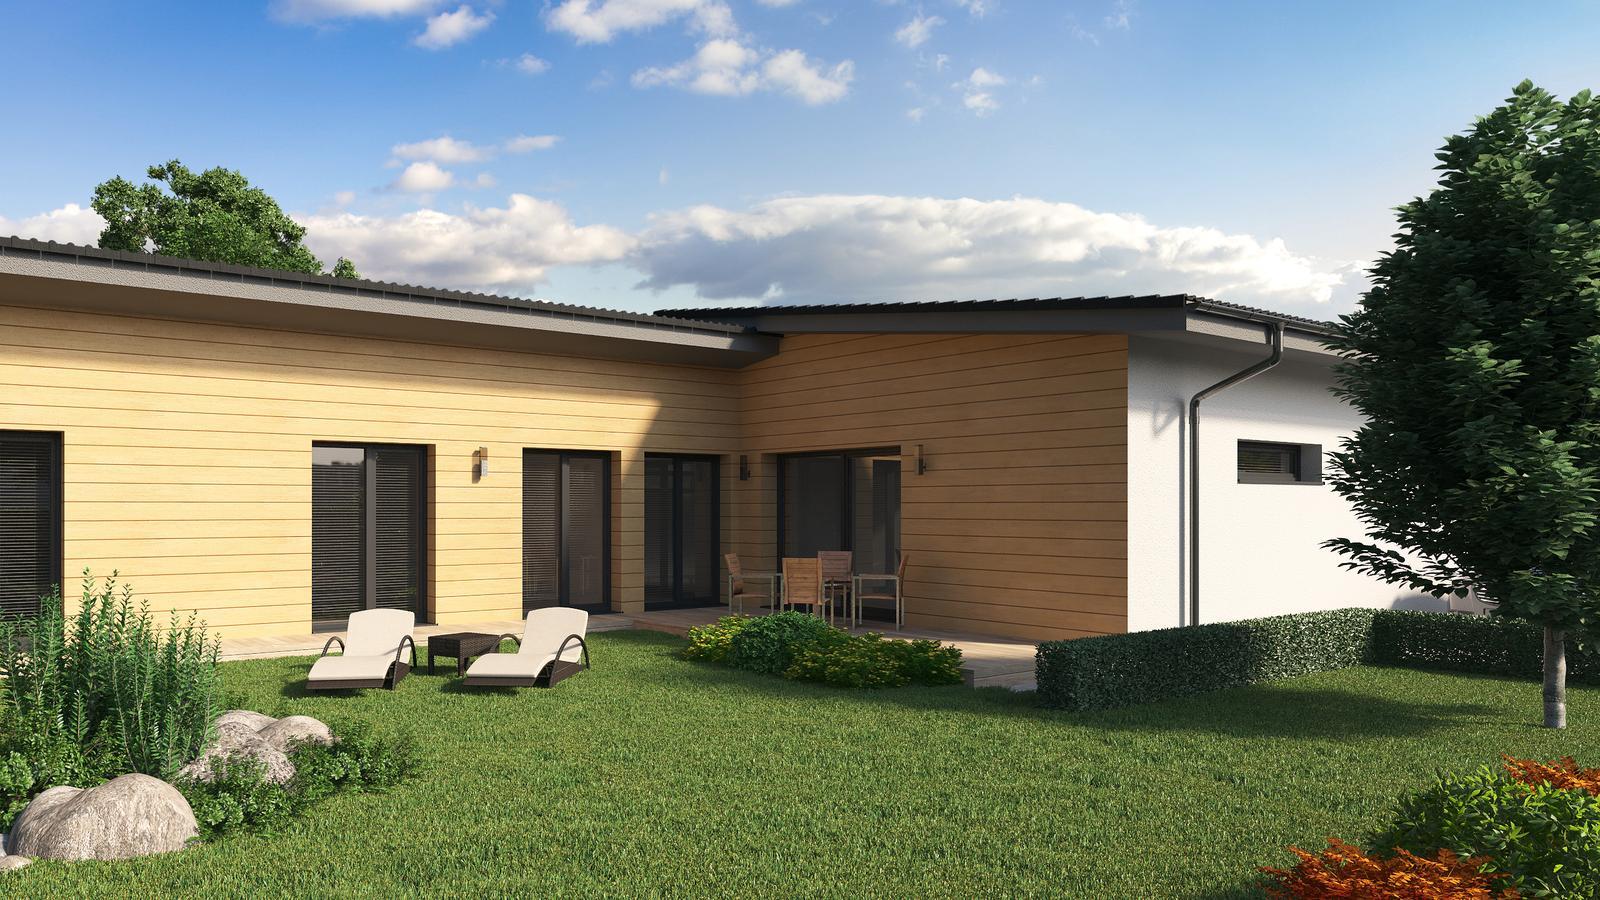 Ďalšie ukážky návrhov domčekov pre Vás - www.rodinny-dom.eu - Obrázok č. 17